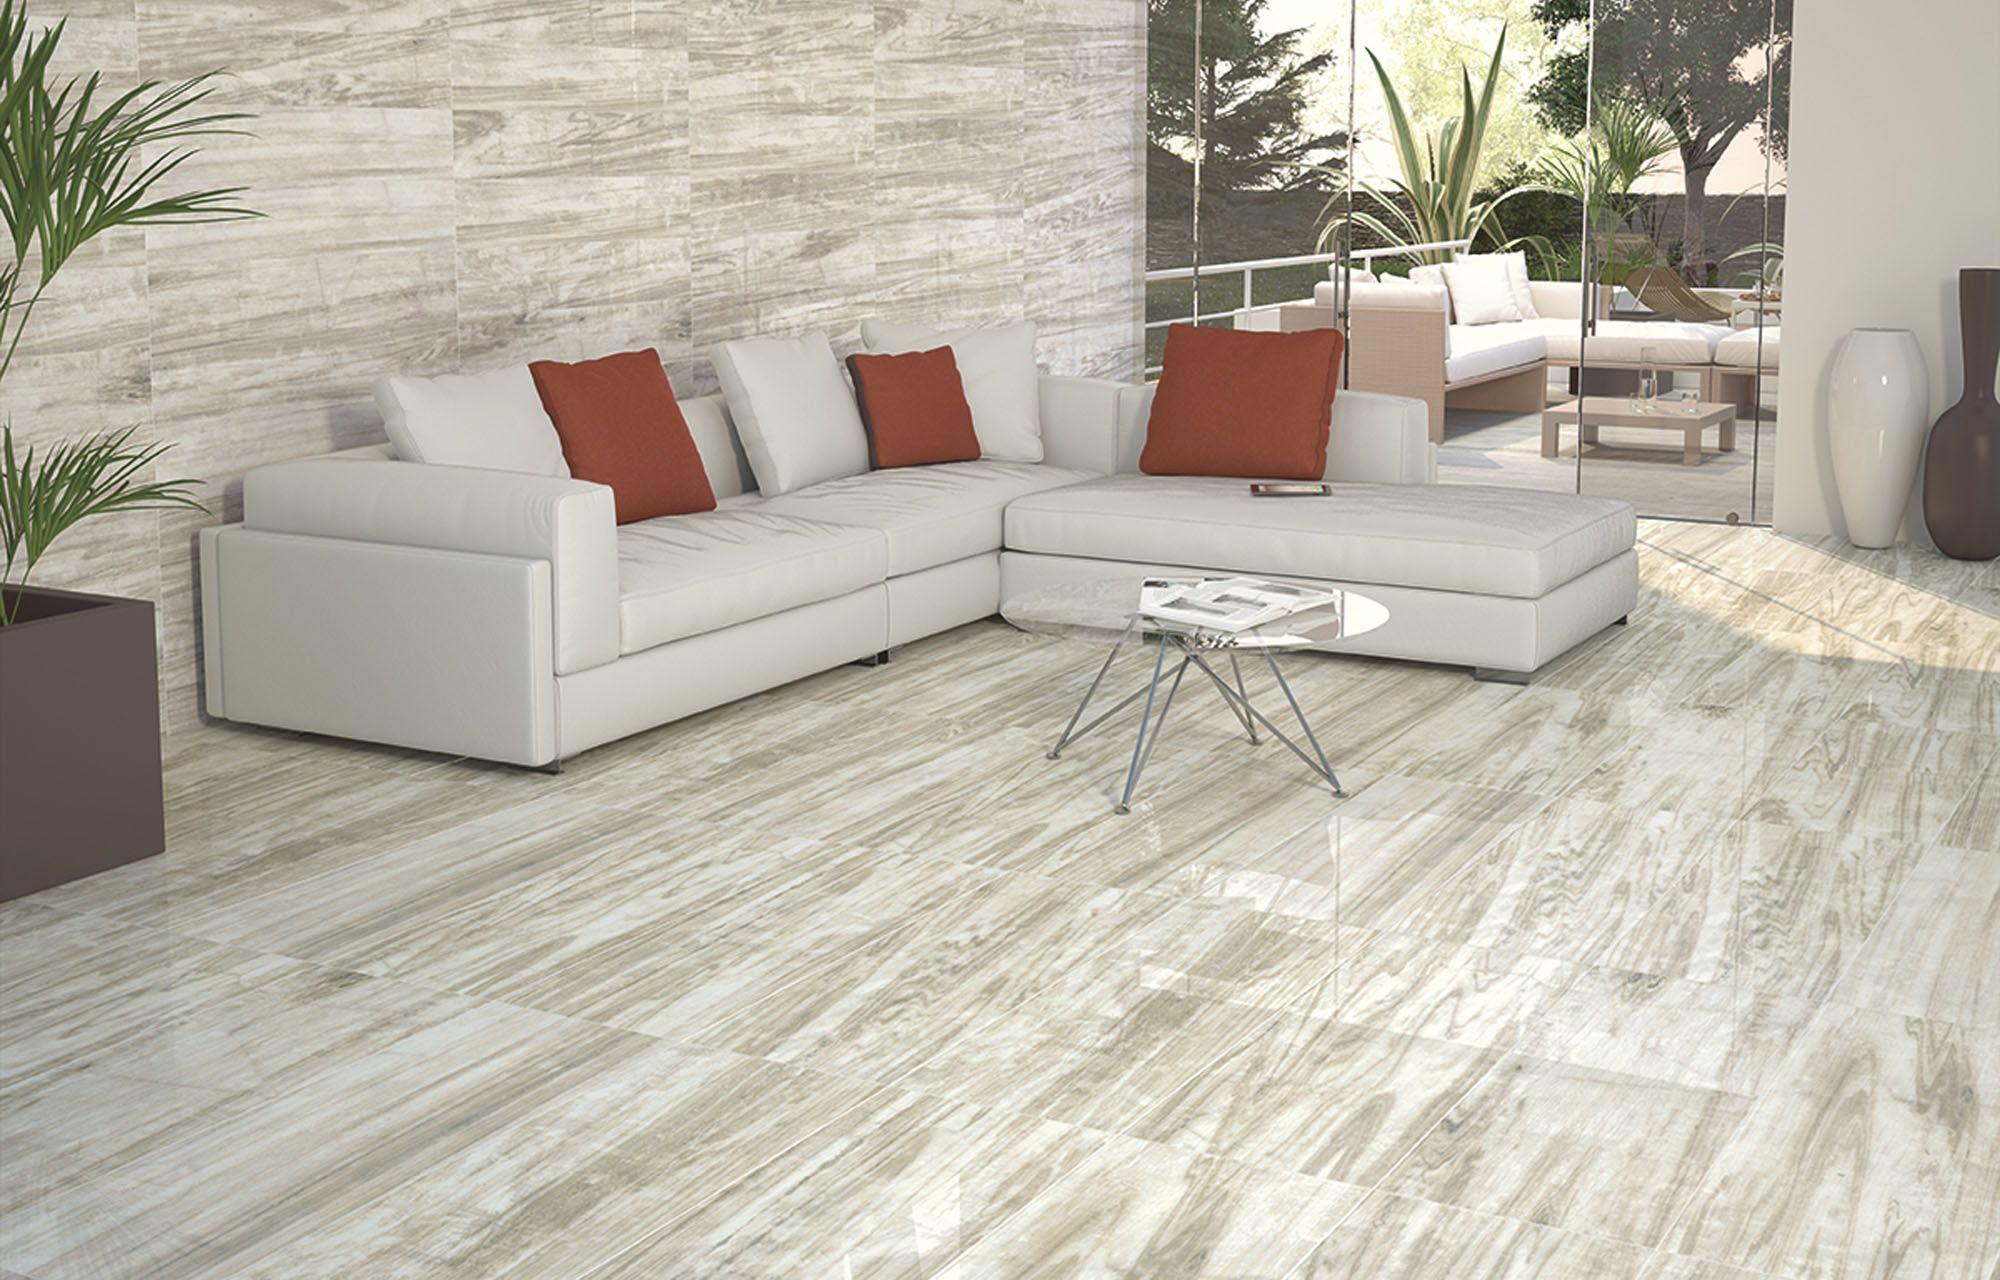 Pavimento interior de 114 x 20 o 41 de gran elegacia pavimentos y revestimientos interiores - Pavimentos rusticos para interiores ...